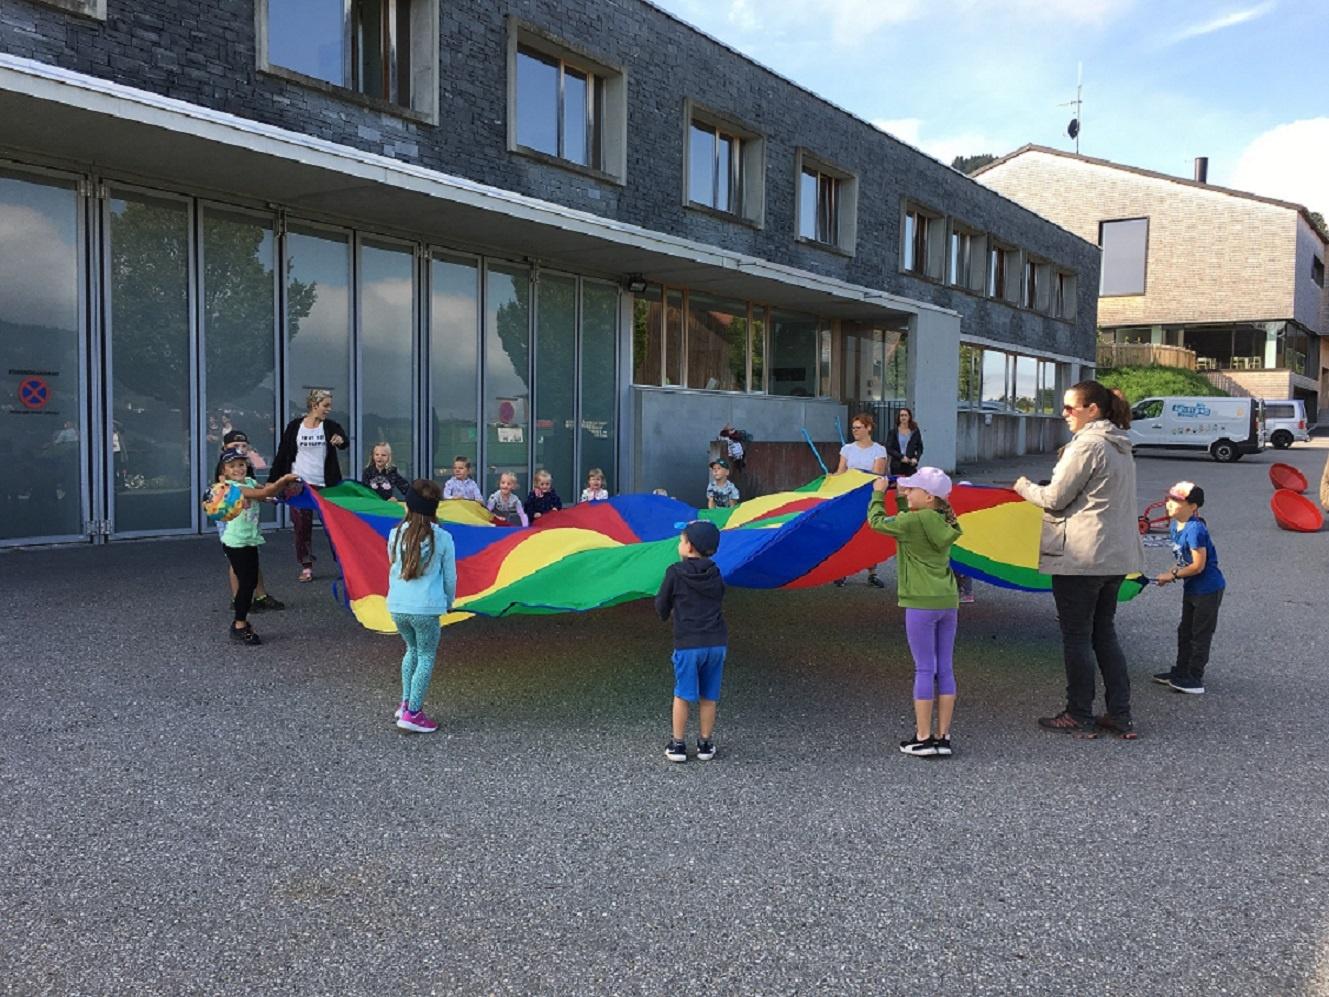 Buch: Spielbus des Vorarlberger Kinderdorfs besuchte Buch